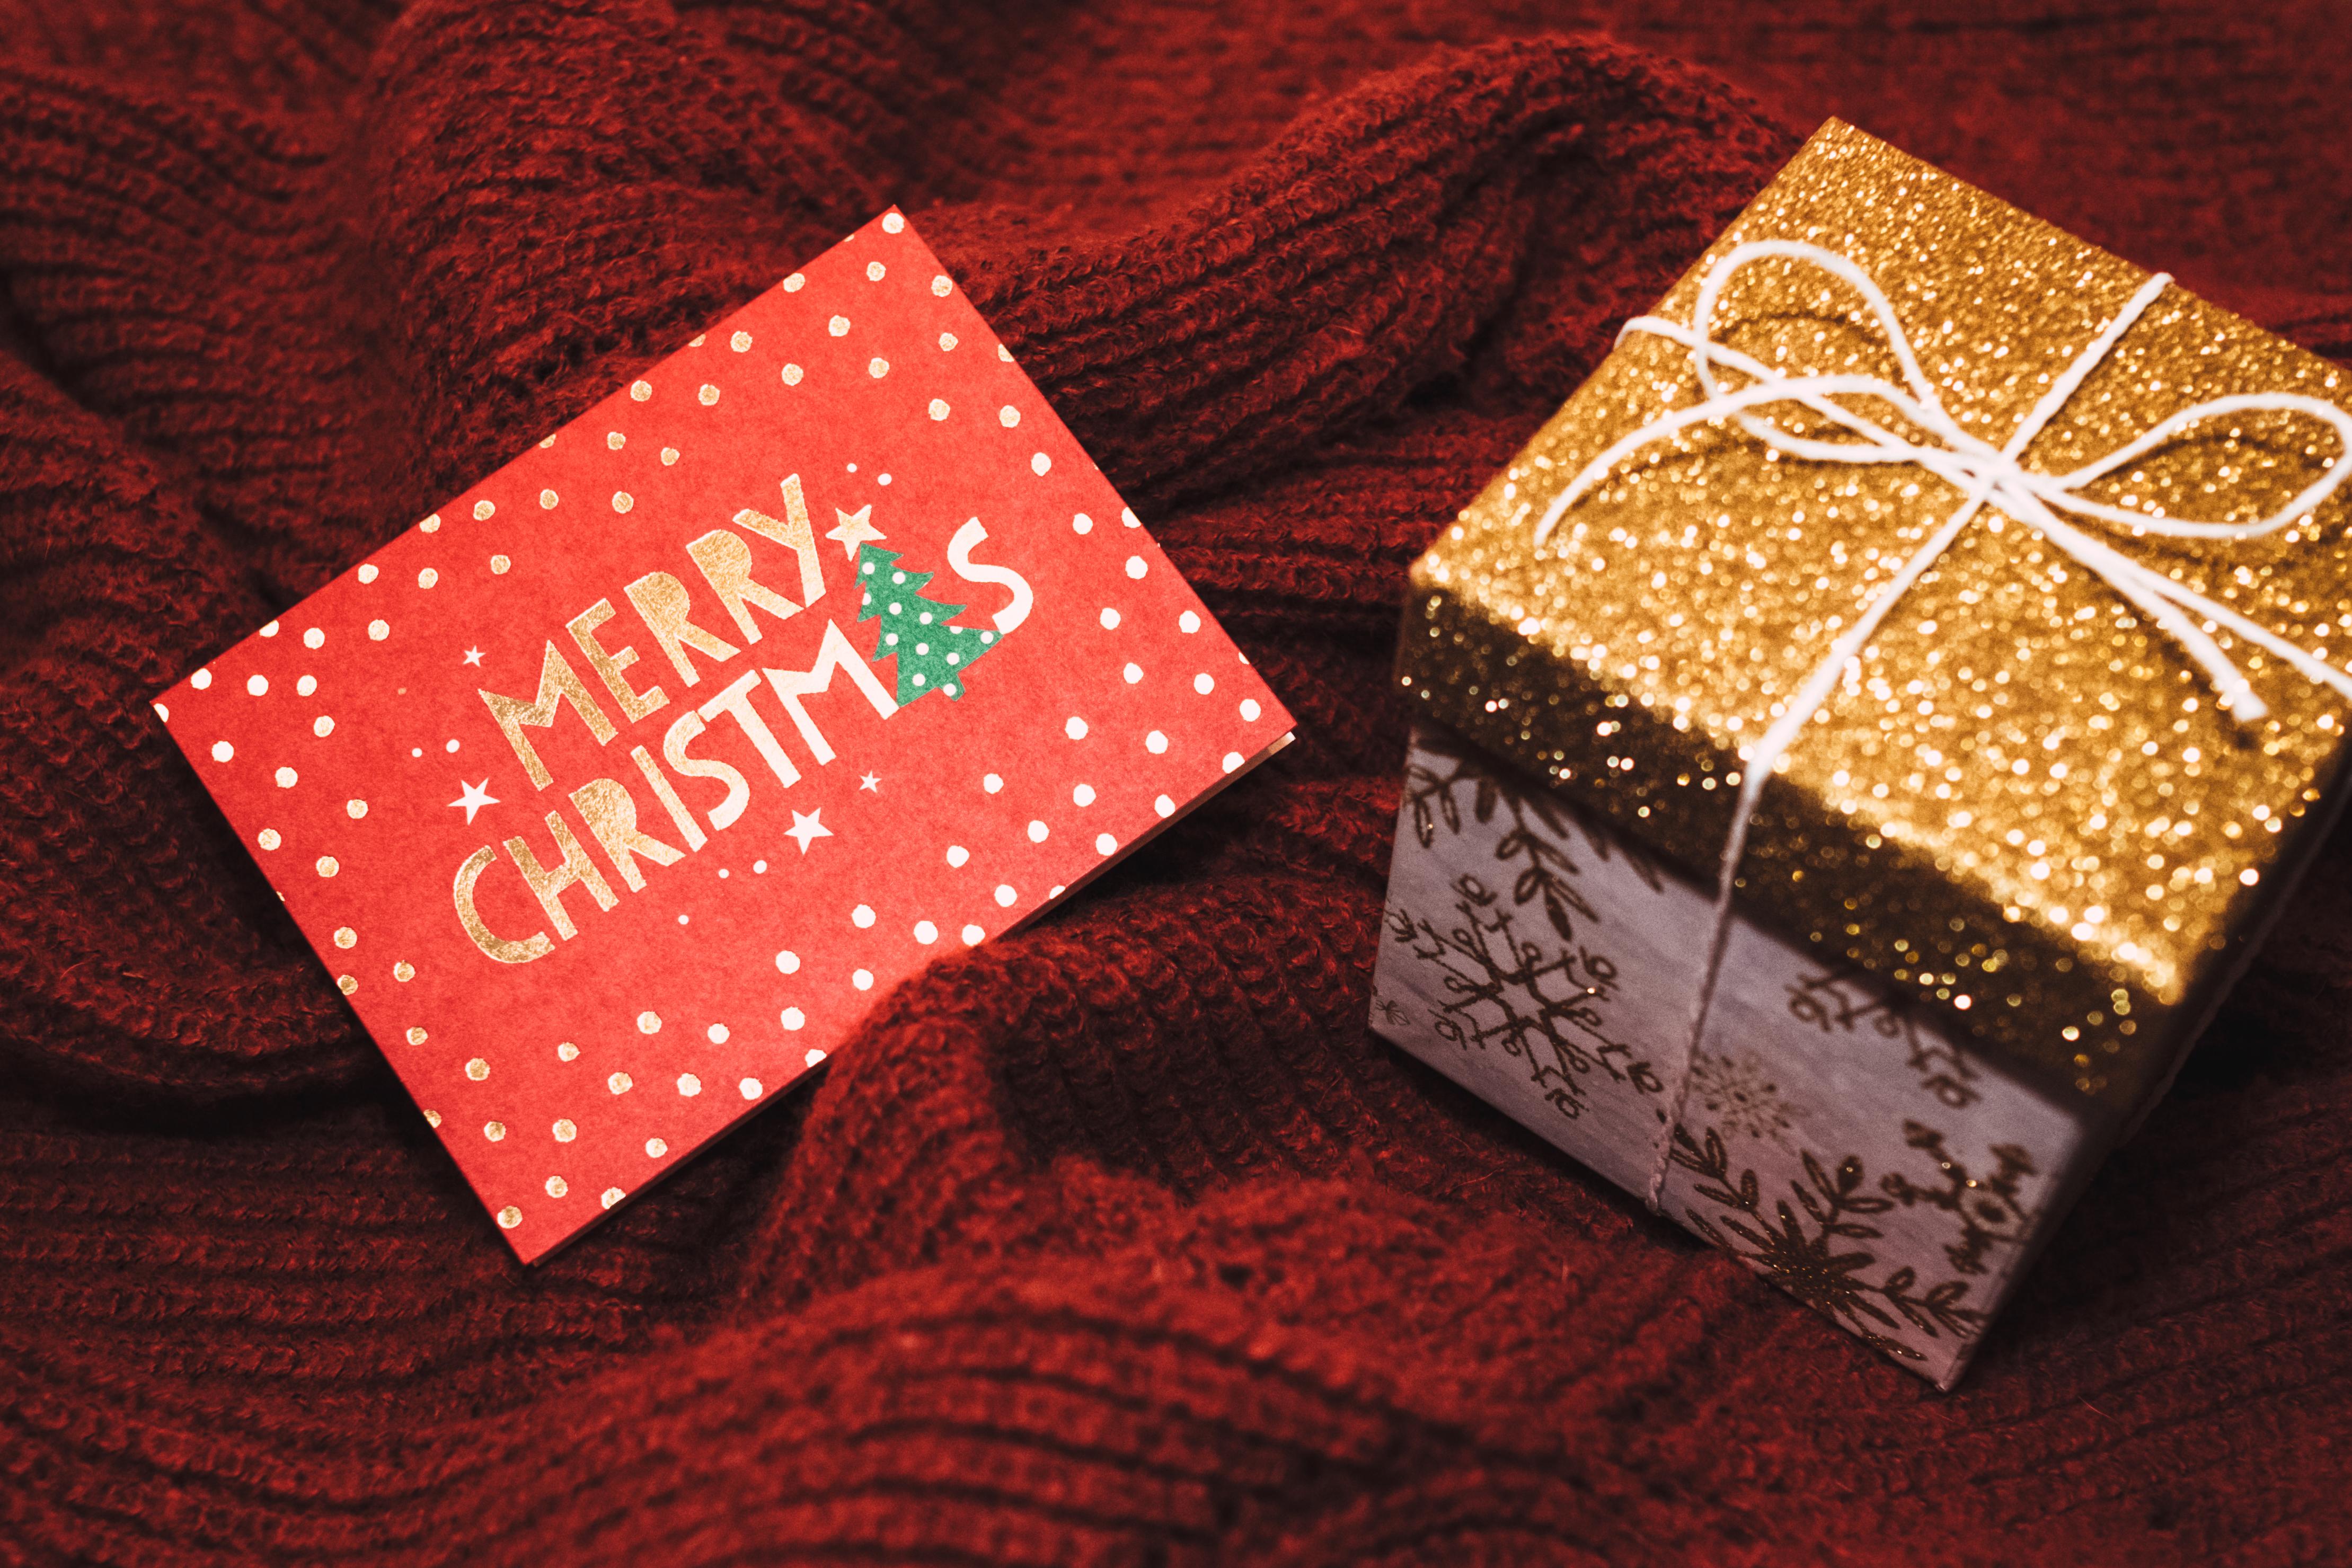 Weihnachtsgeschenke B2b.Weihnachtsgeschenke Kaufen Bald Nur Noch Online Carpathia